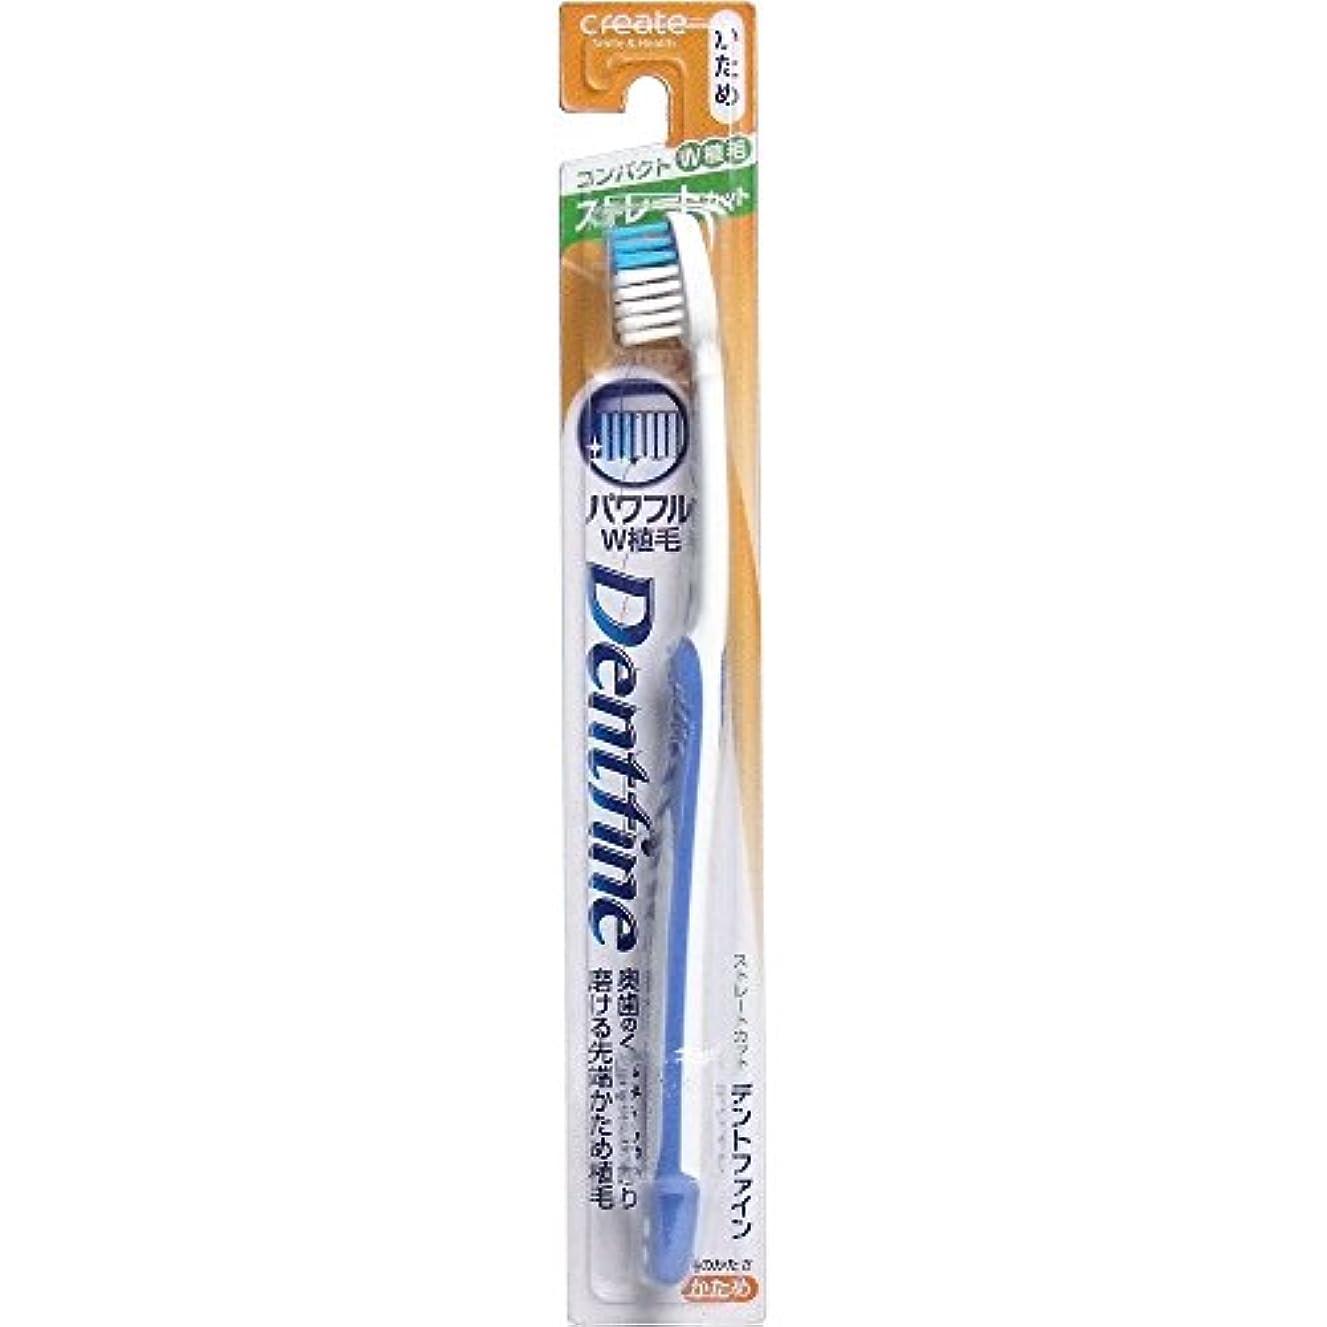 ヘッジ売る流行デントファイン ラバーグリップ ストレートカット 歯ブラシ かため 1本:ブルー